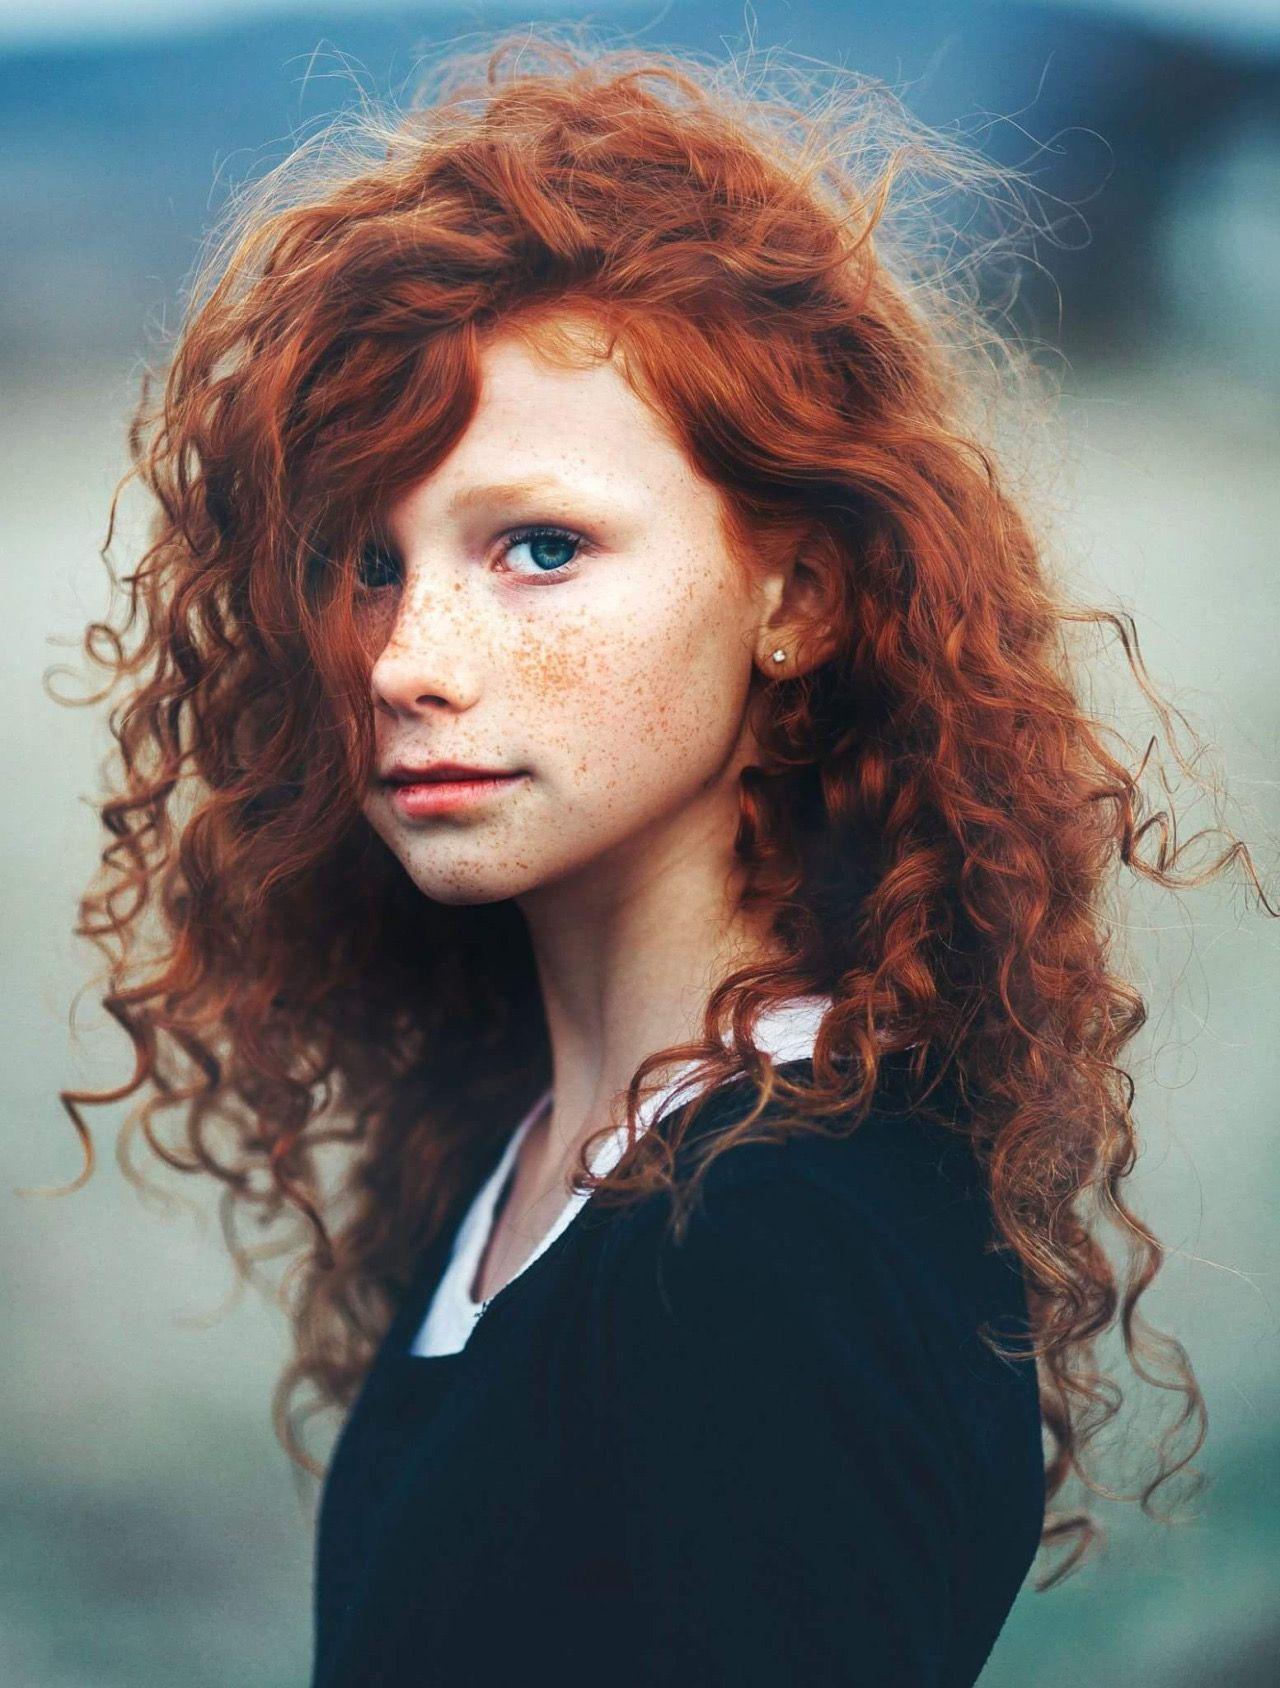 Misha redhead teen